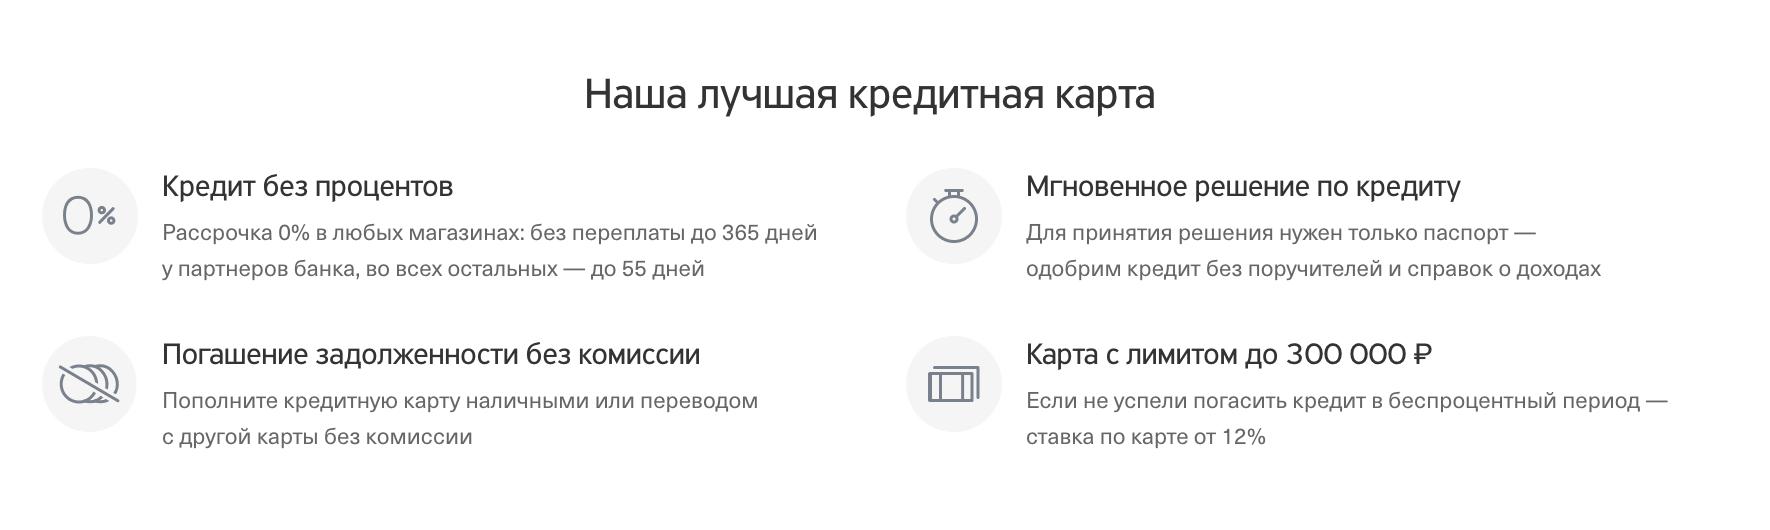 фандей саратов каталог товаров официальный сайт цены